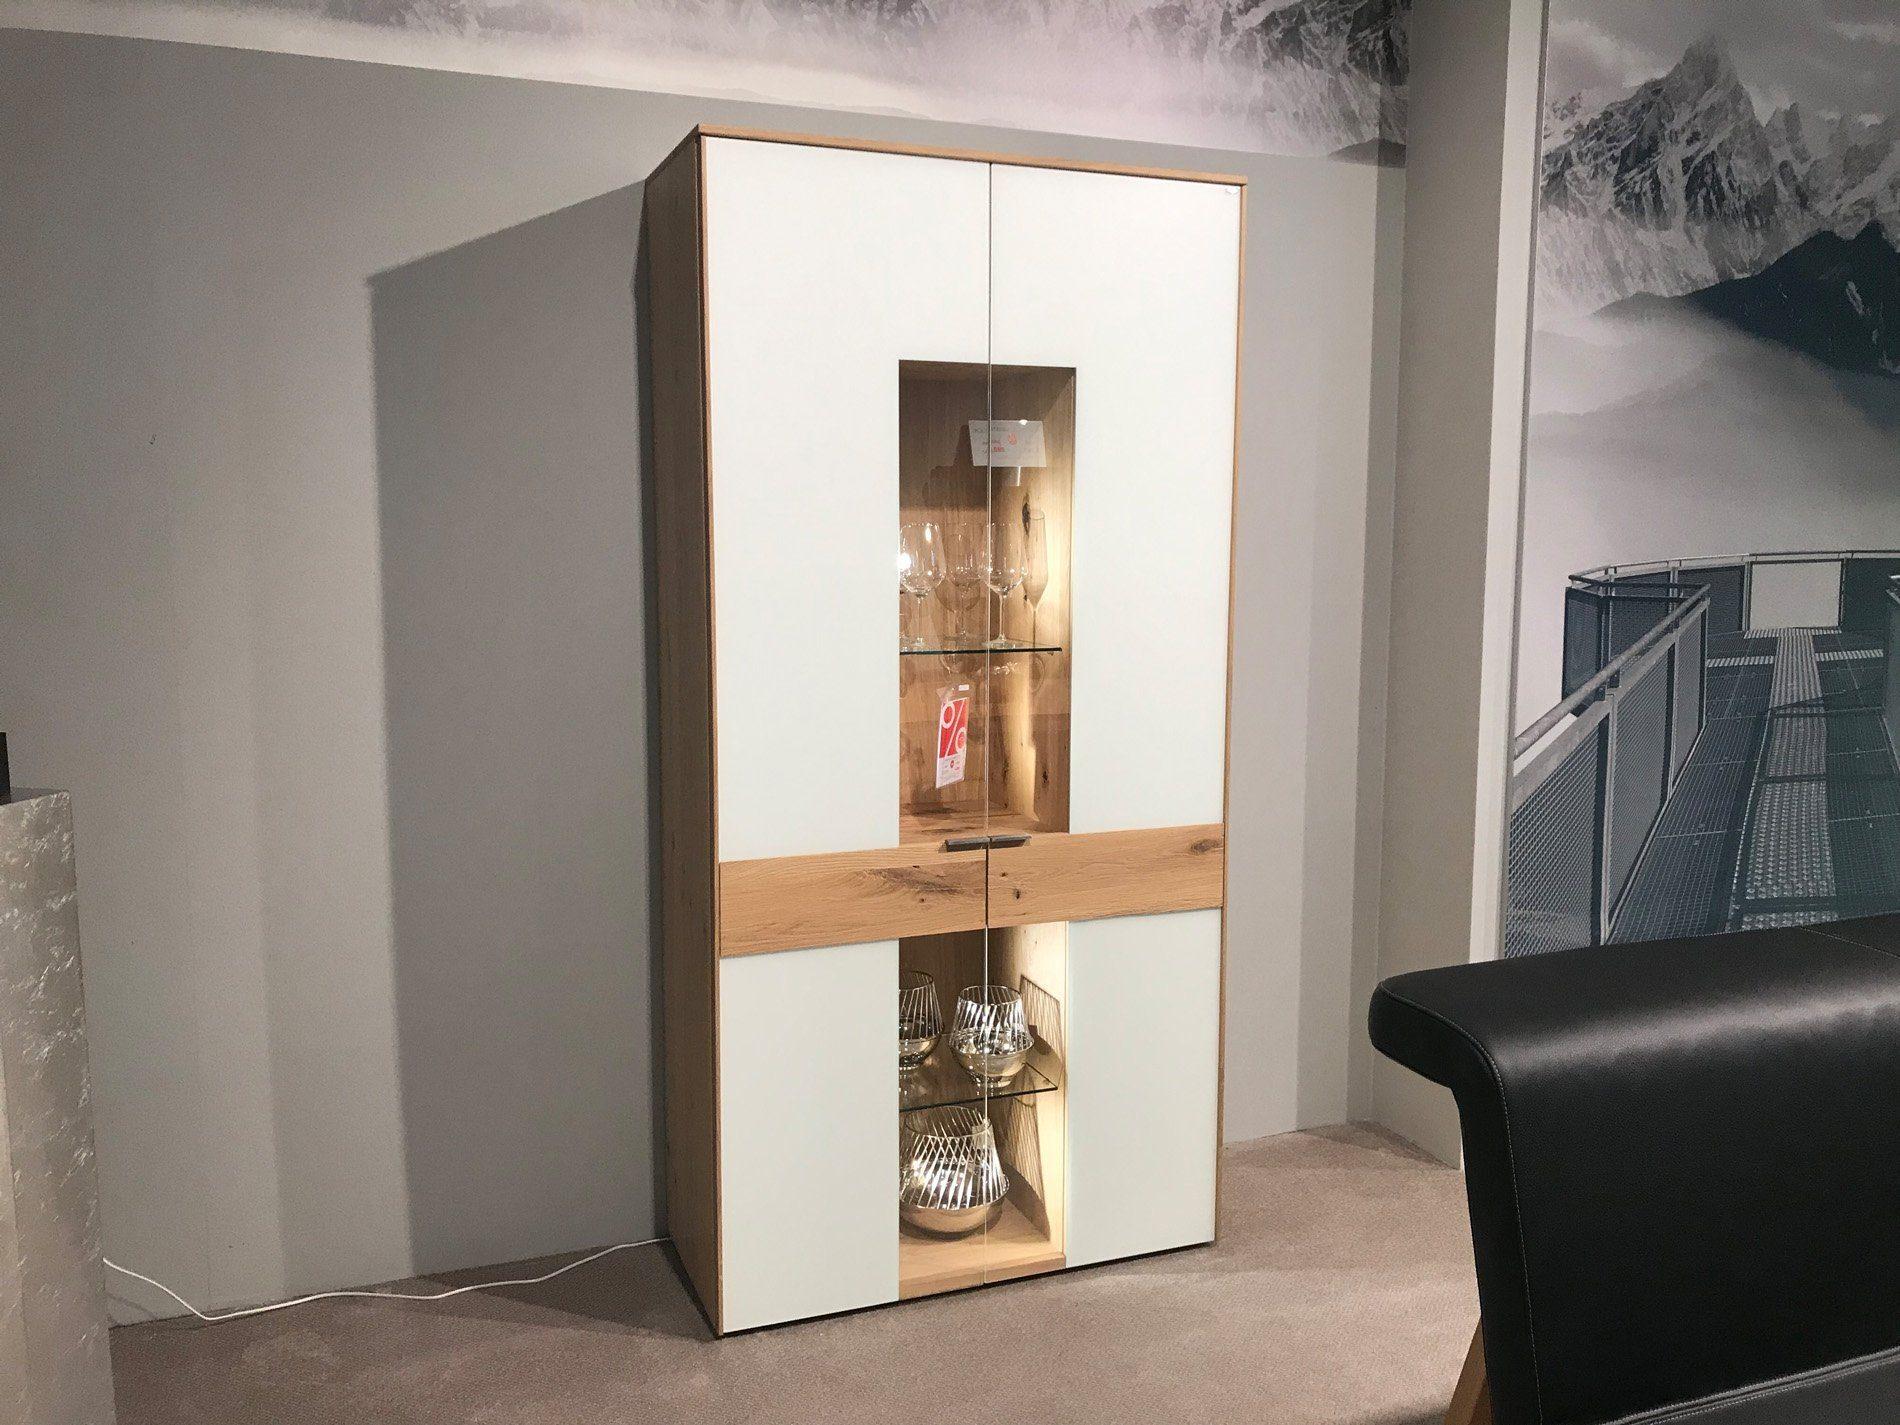 voglauer v solid vitrine. Black Bedroom Furniture Sets. Home Design Ideas